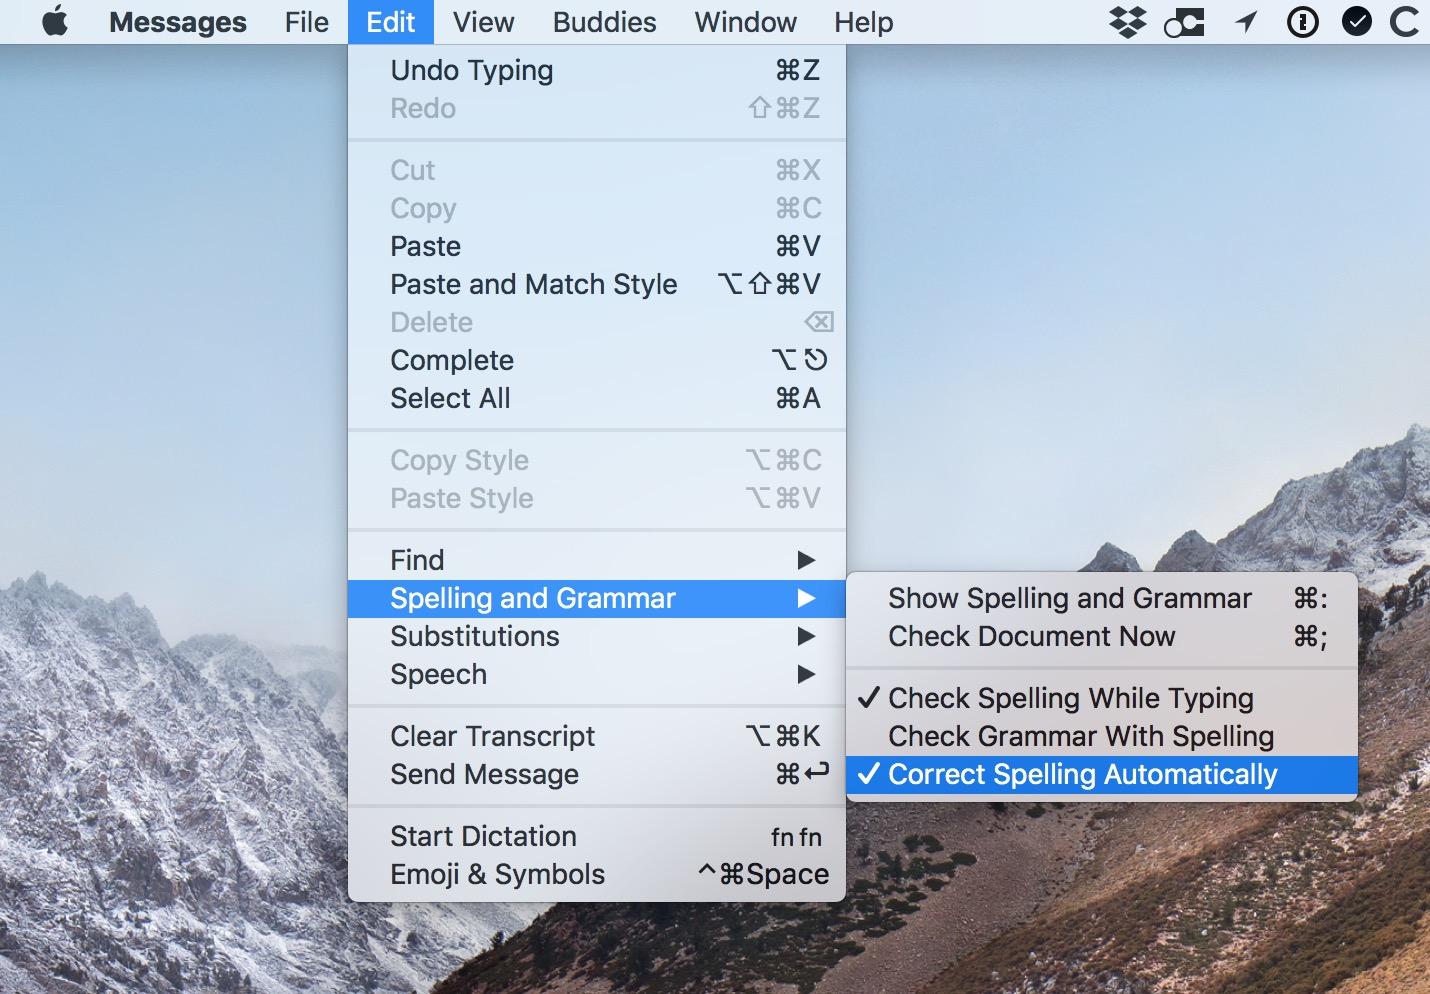 Mac app Edit Menu settings for Spelling and Grammar